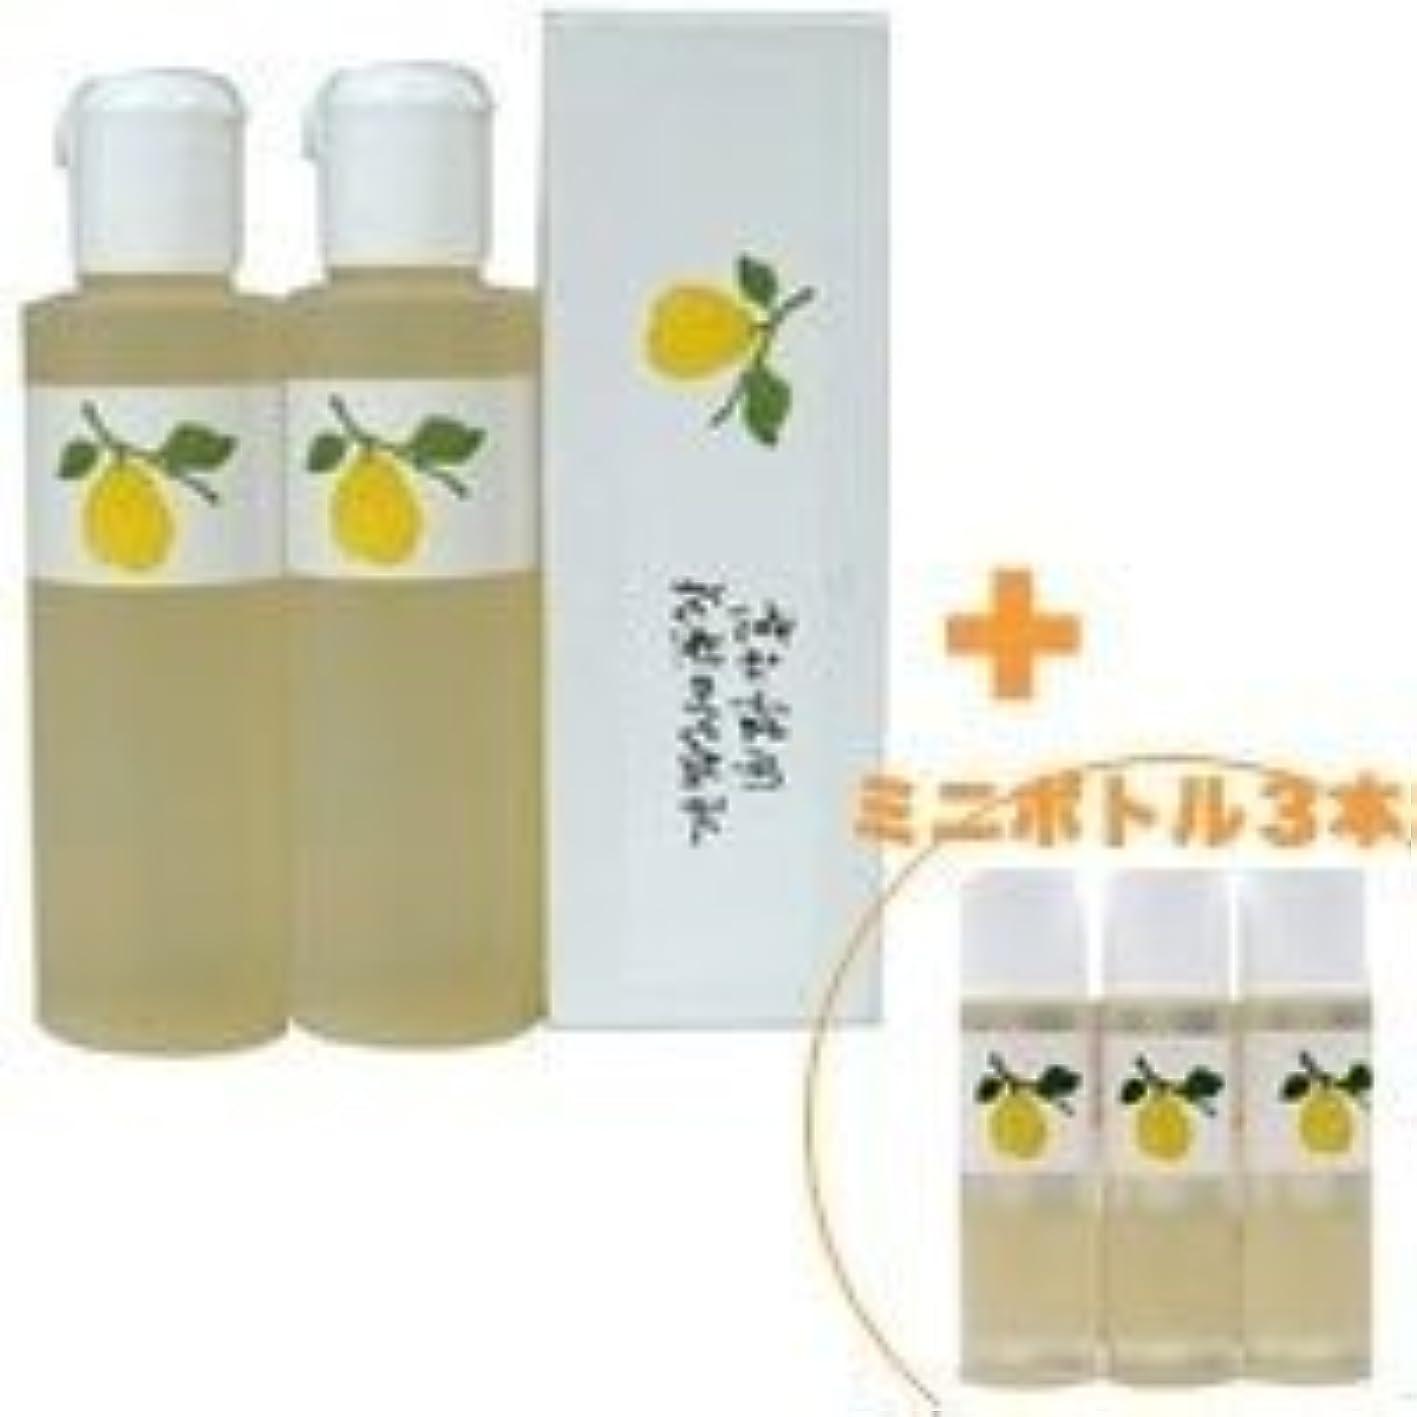 通行料金毎週インデックス花梨の化粧水 200ml 2本&ミニボトル 3本 美容液 栄養クリームのいらないお肌へ 保湿と乾燥対策に